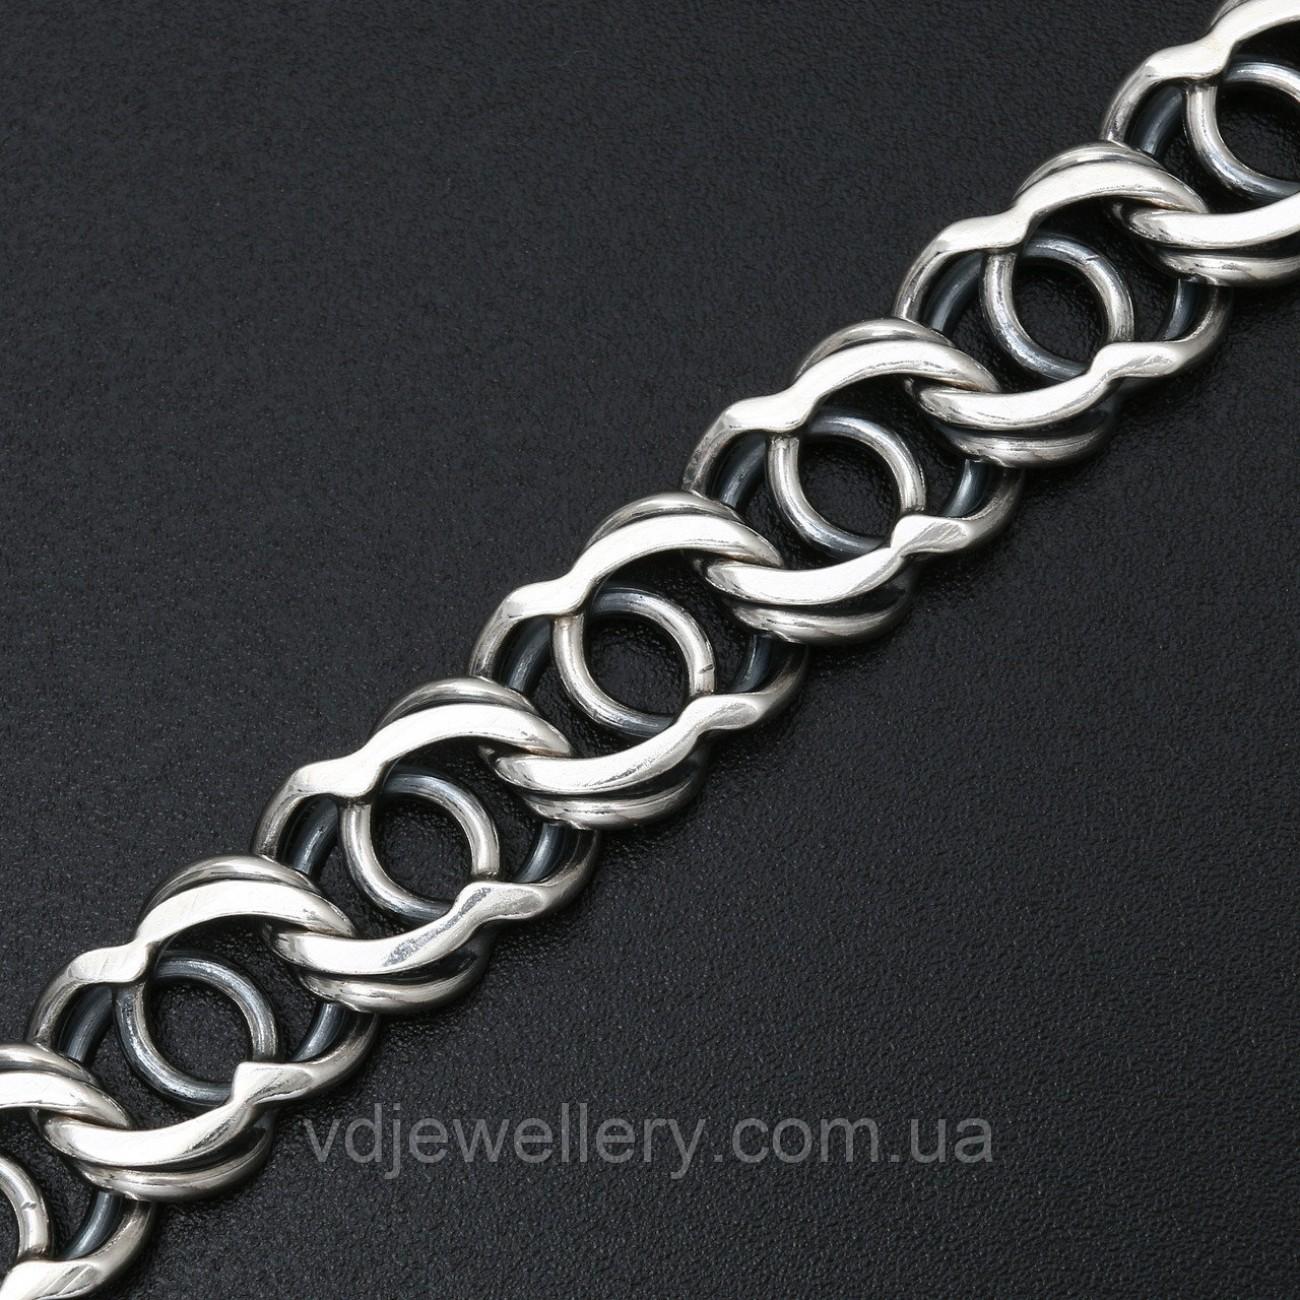 Мужской серебряный браслет 5100069-А25